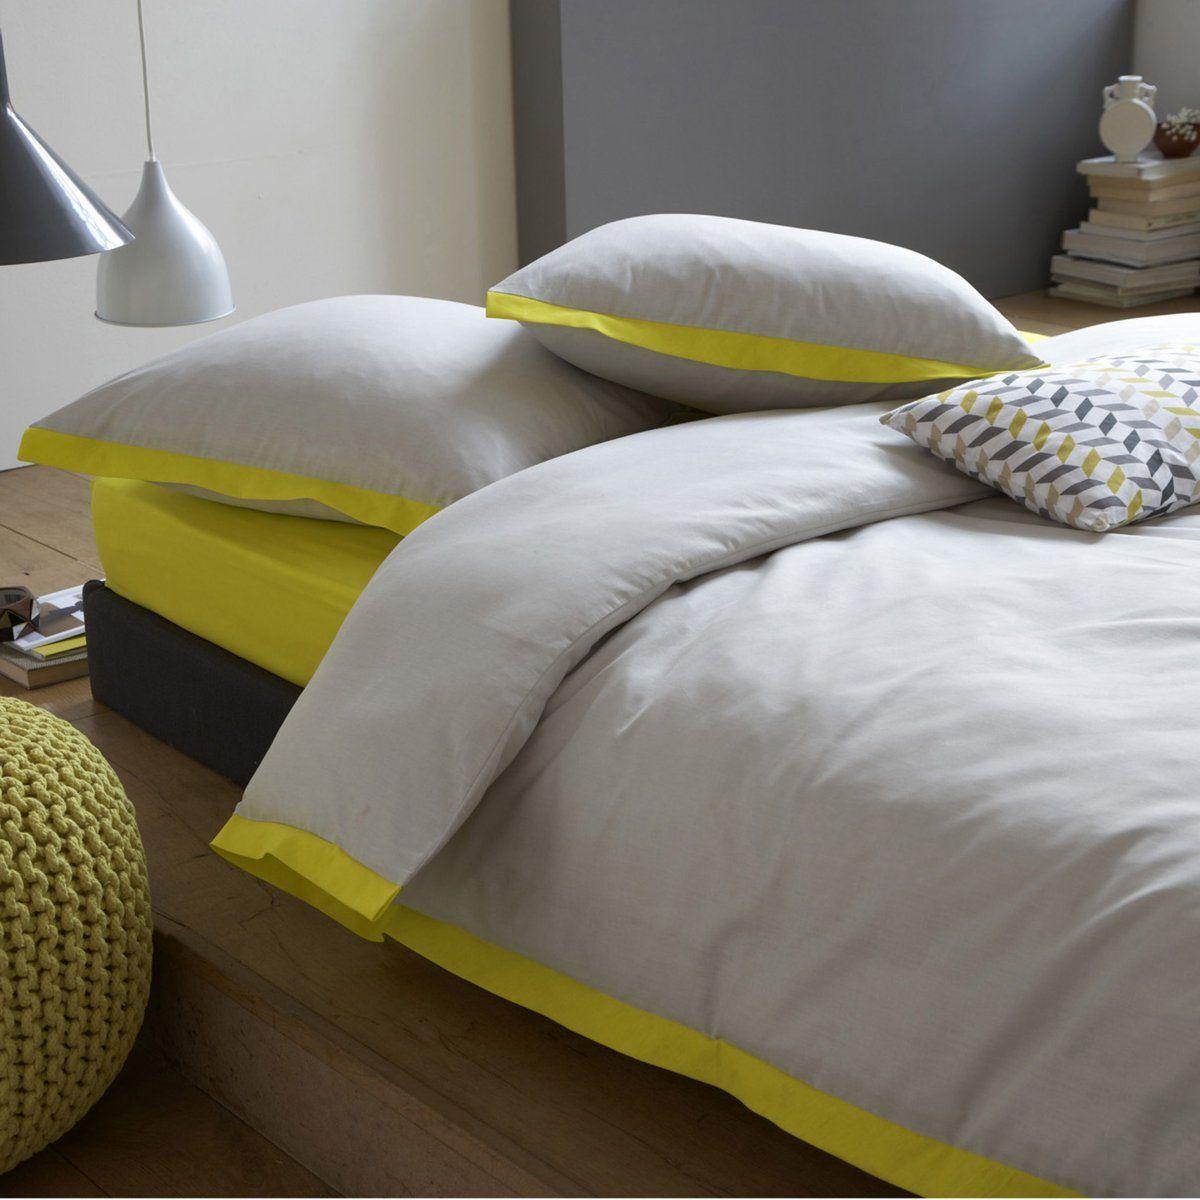 parure housse de couette taie drap housse epure gris jaune la redoute maison de r ve. Black Bedroom Furniture Sets. Home Design Ideas